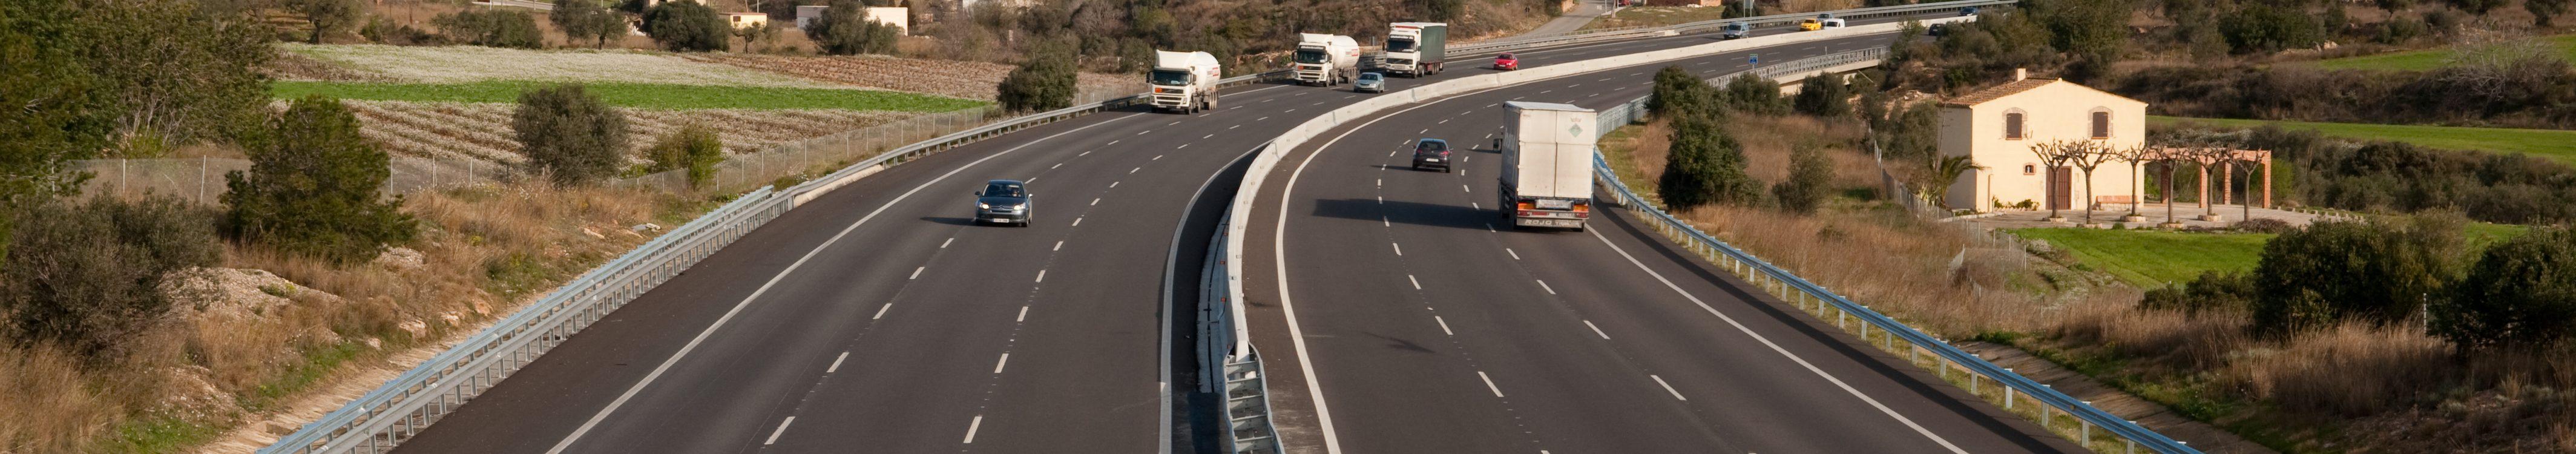 Abertis equipará con 25 dispositivos de reanimación cardíaca las autopistas catalanas